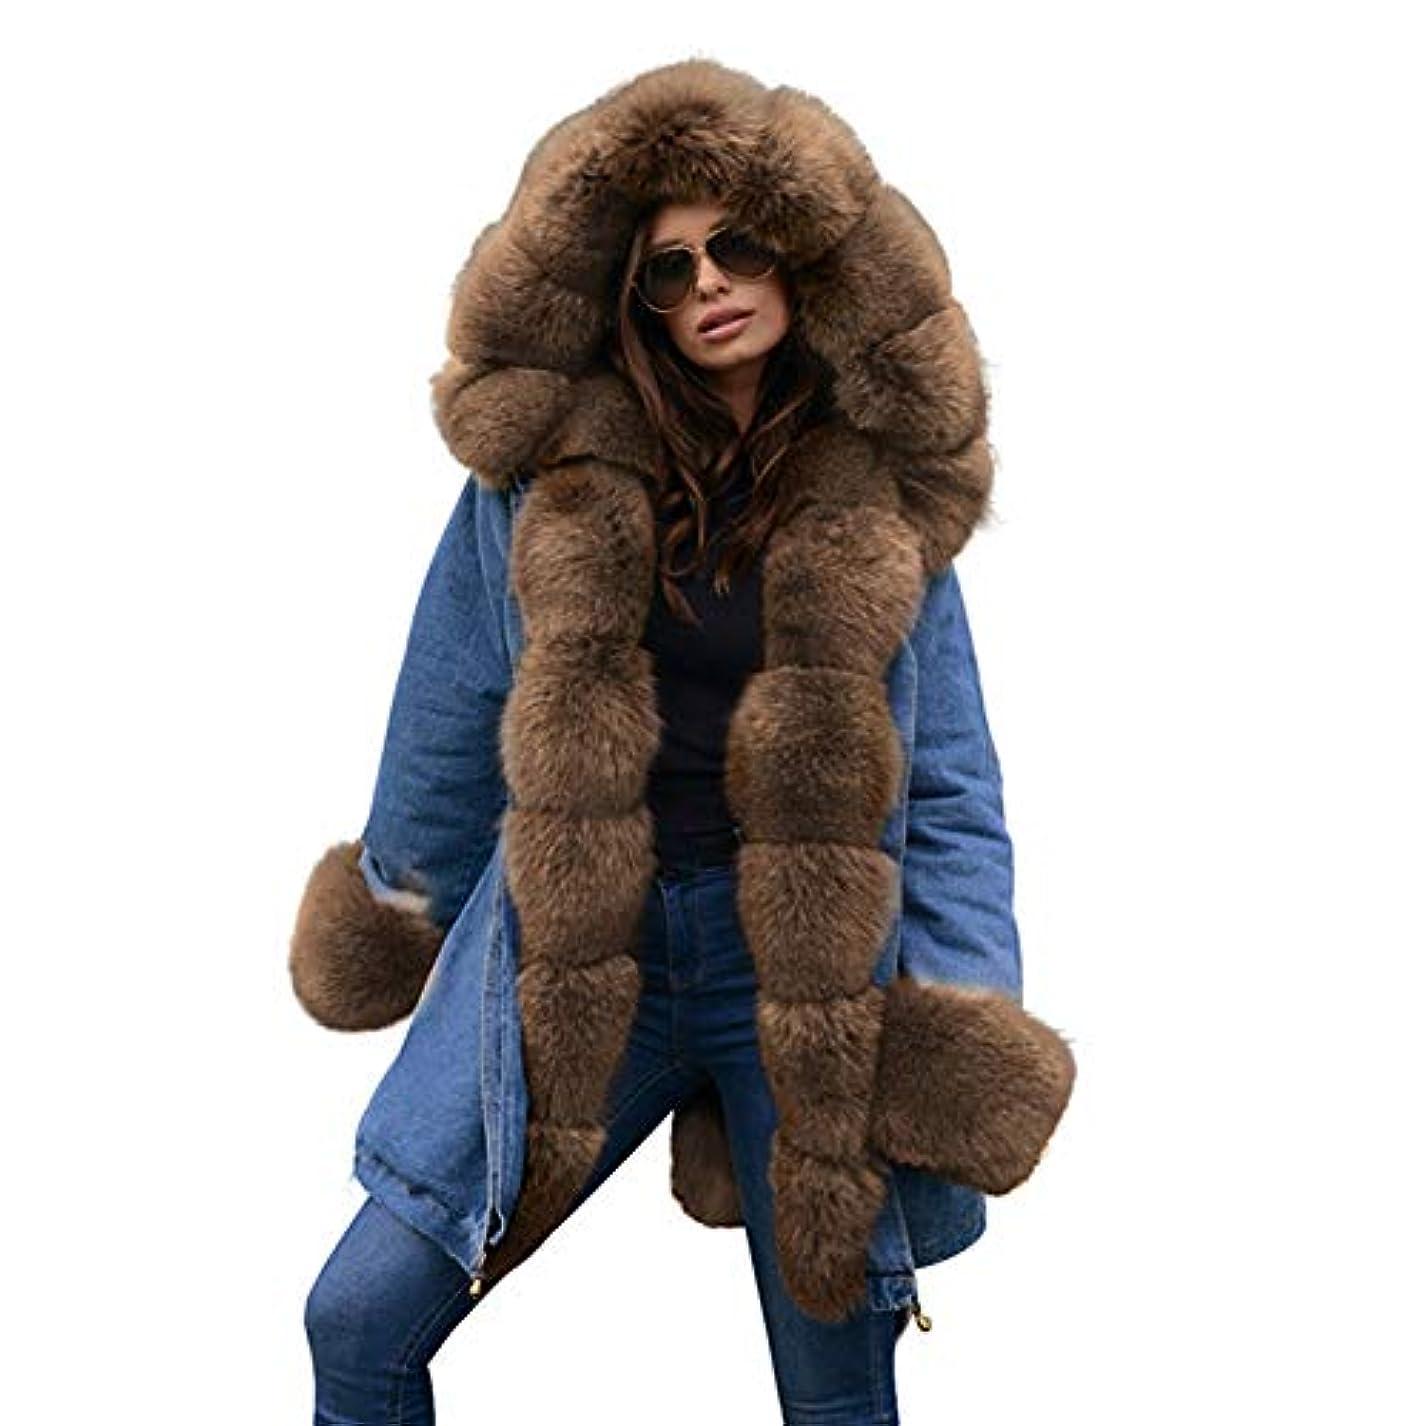 午後専ら三厚手フード付きジャケット女性ウィンターフェイクファーカラーコートコットンパットオーバーコートロングコートパーカスパーカ,S